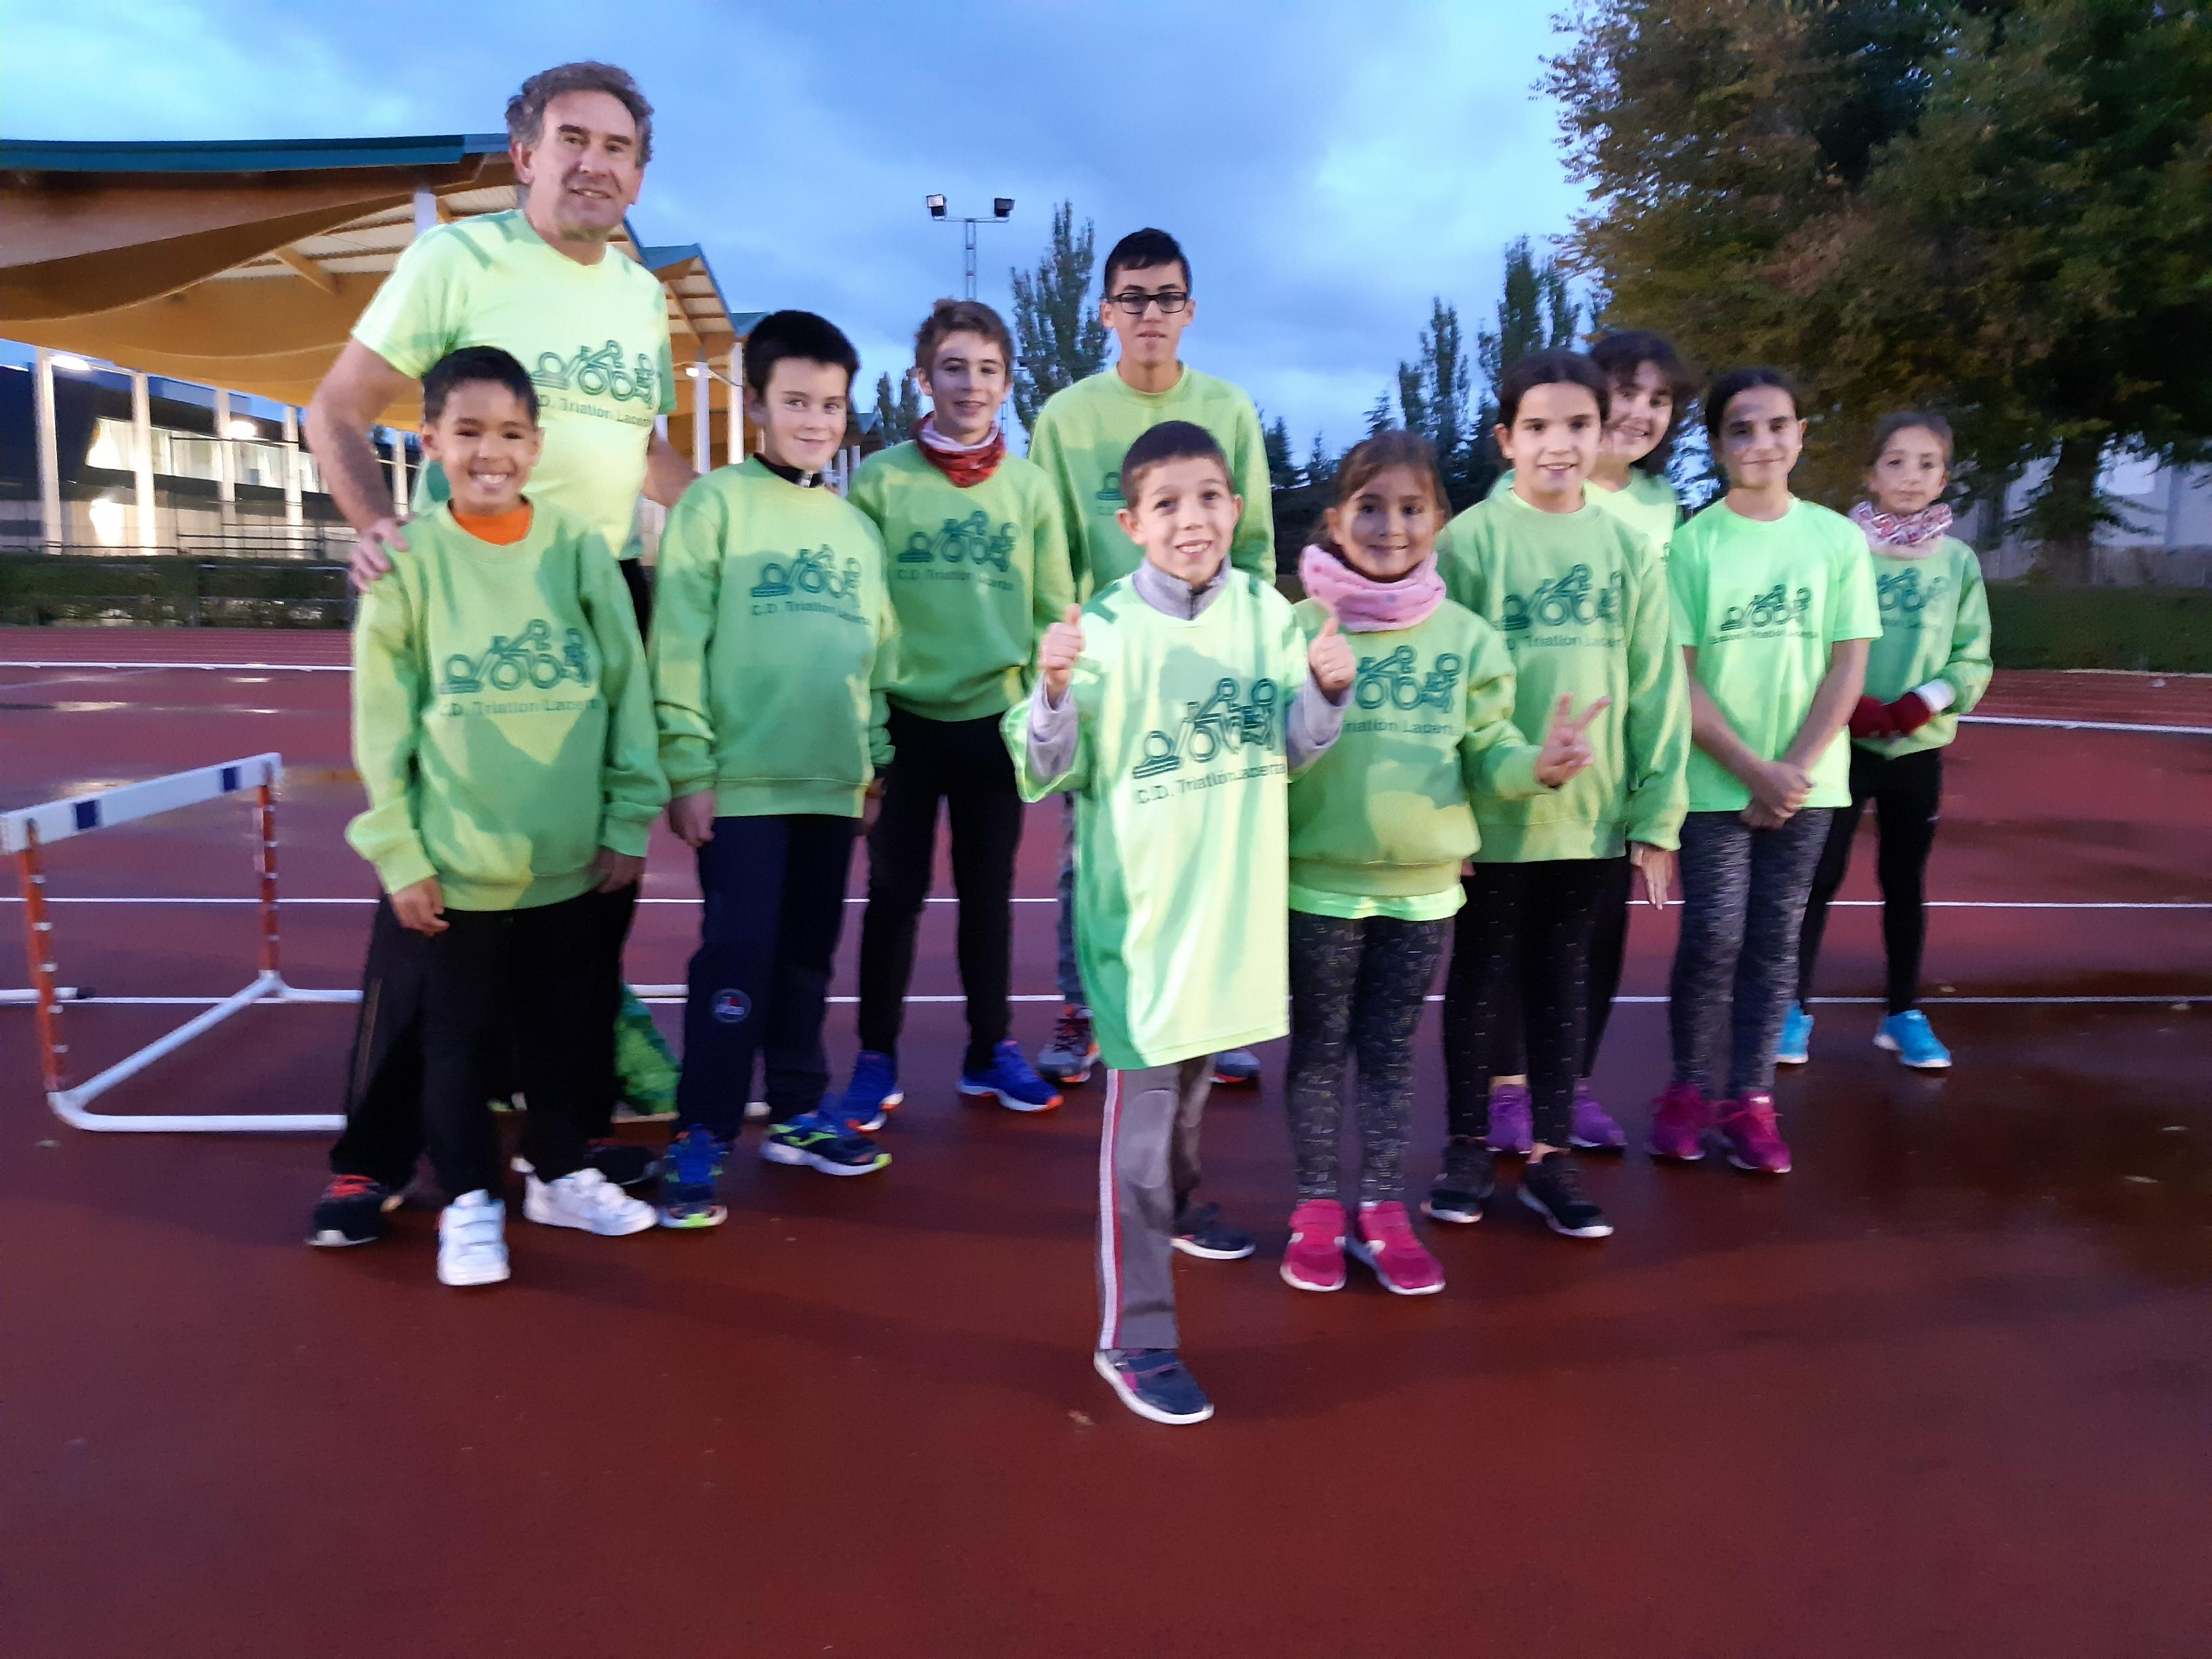 Escuela de Triatlón Lacerta: Puertas abiertas durante el mes de diciembre